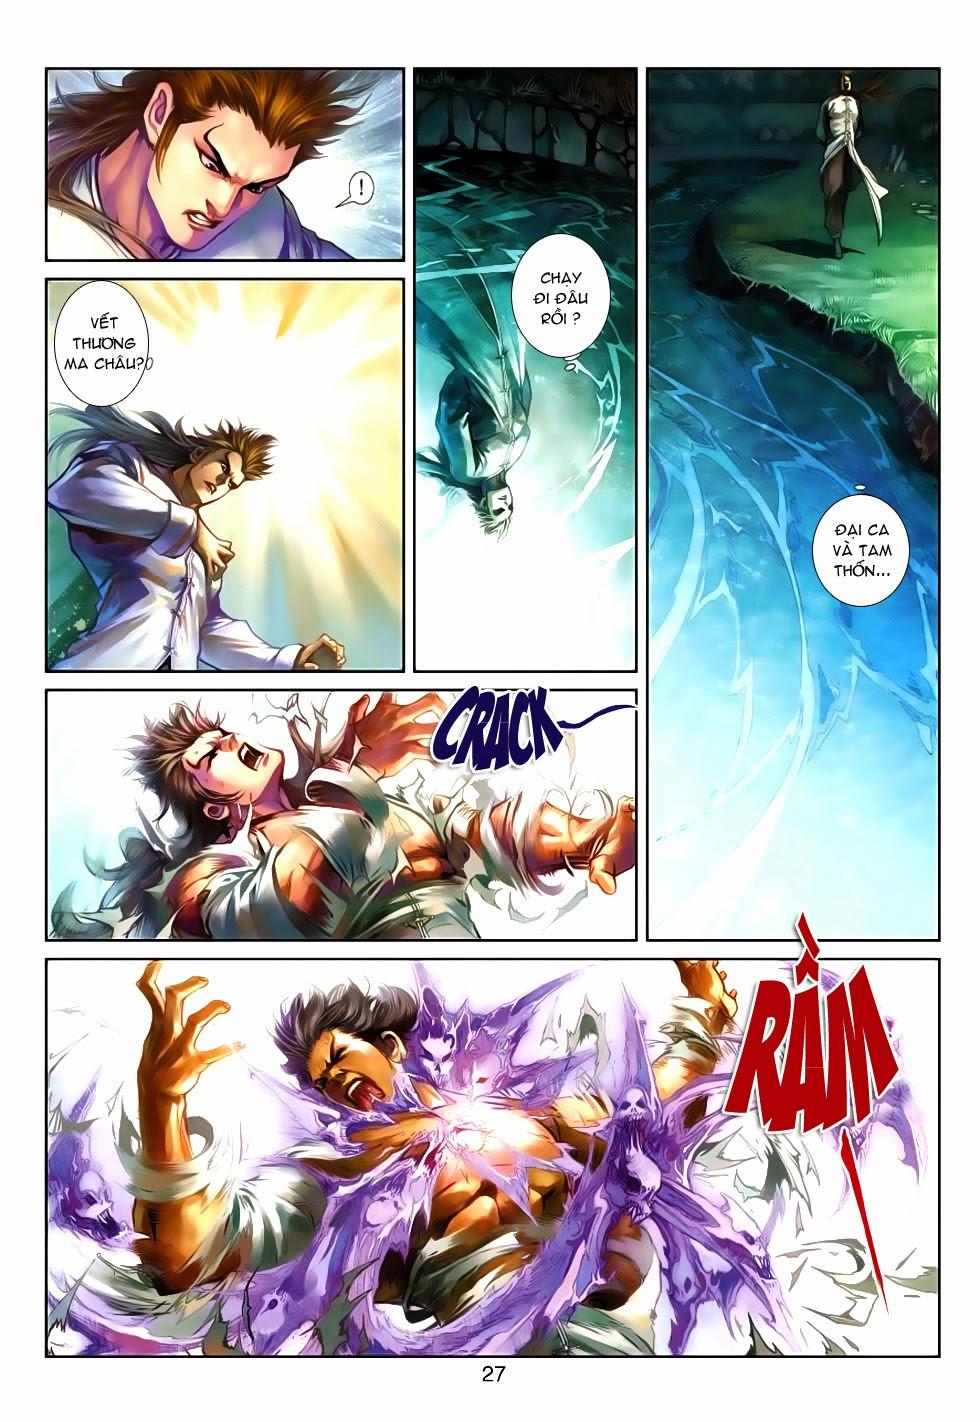 Thần Binh Tiền Truyện 4 - Huyền Thiên Tà Đế chap 5 - Trang 27